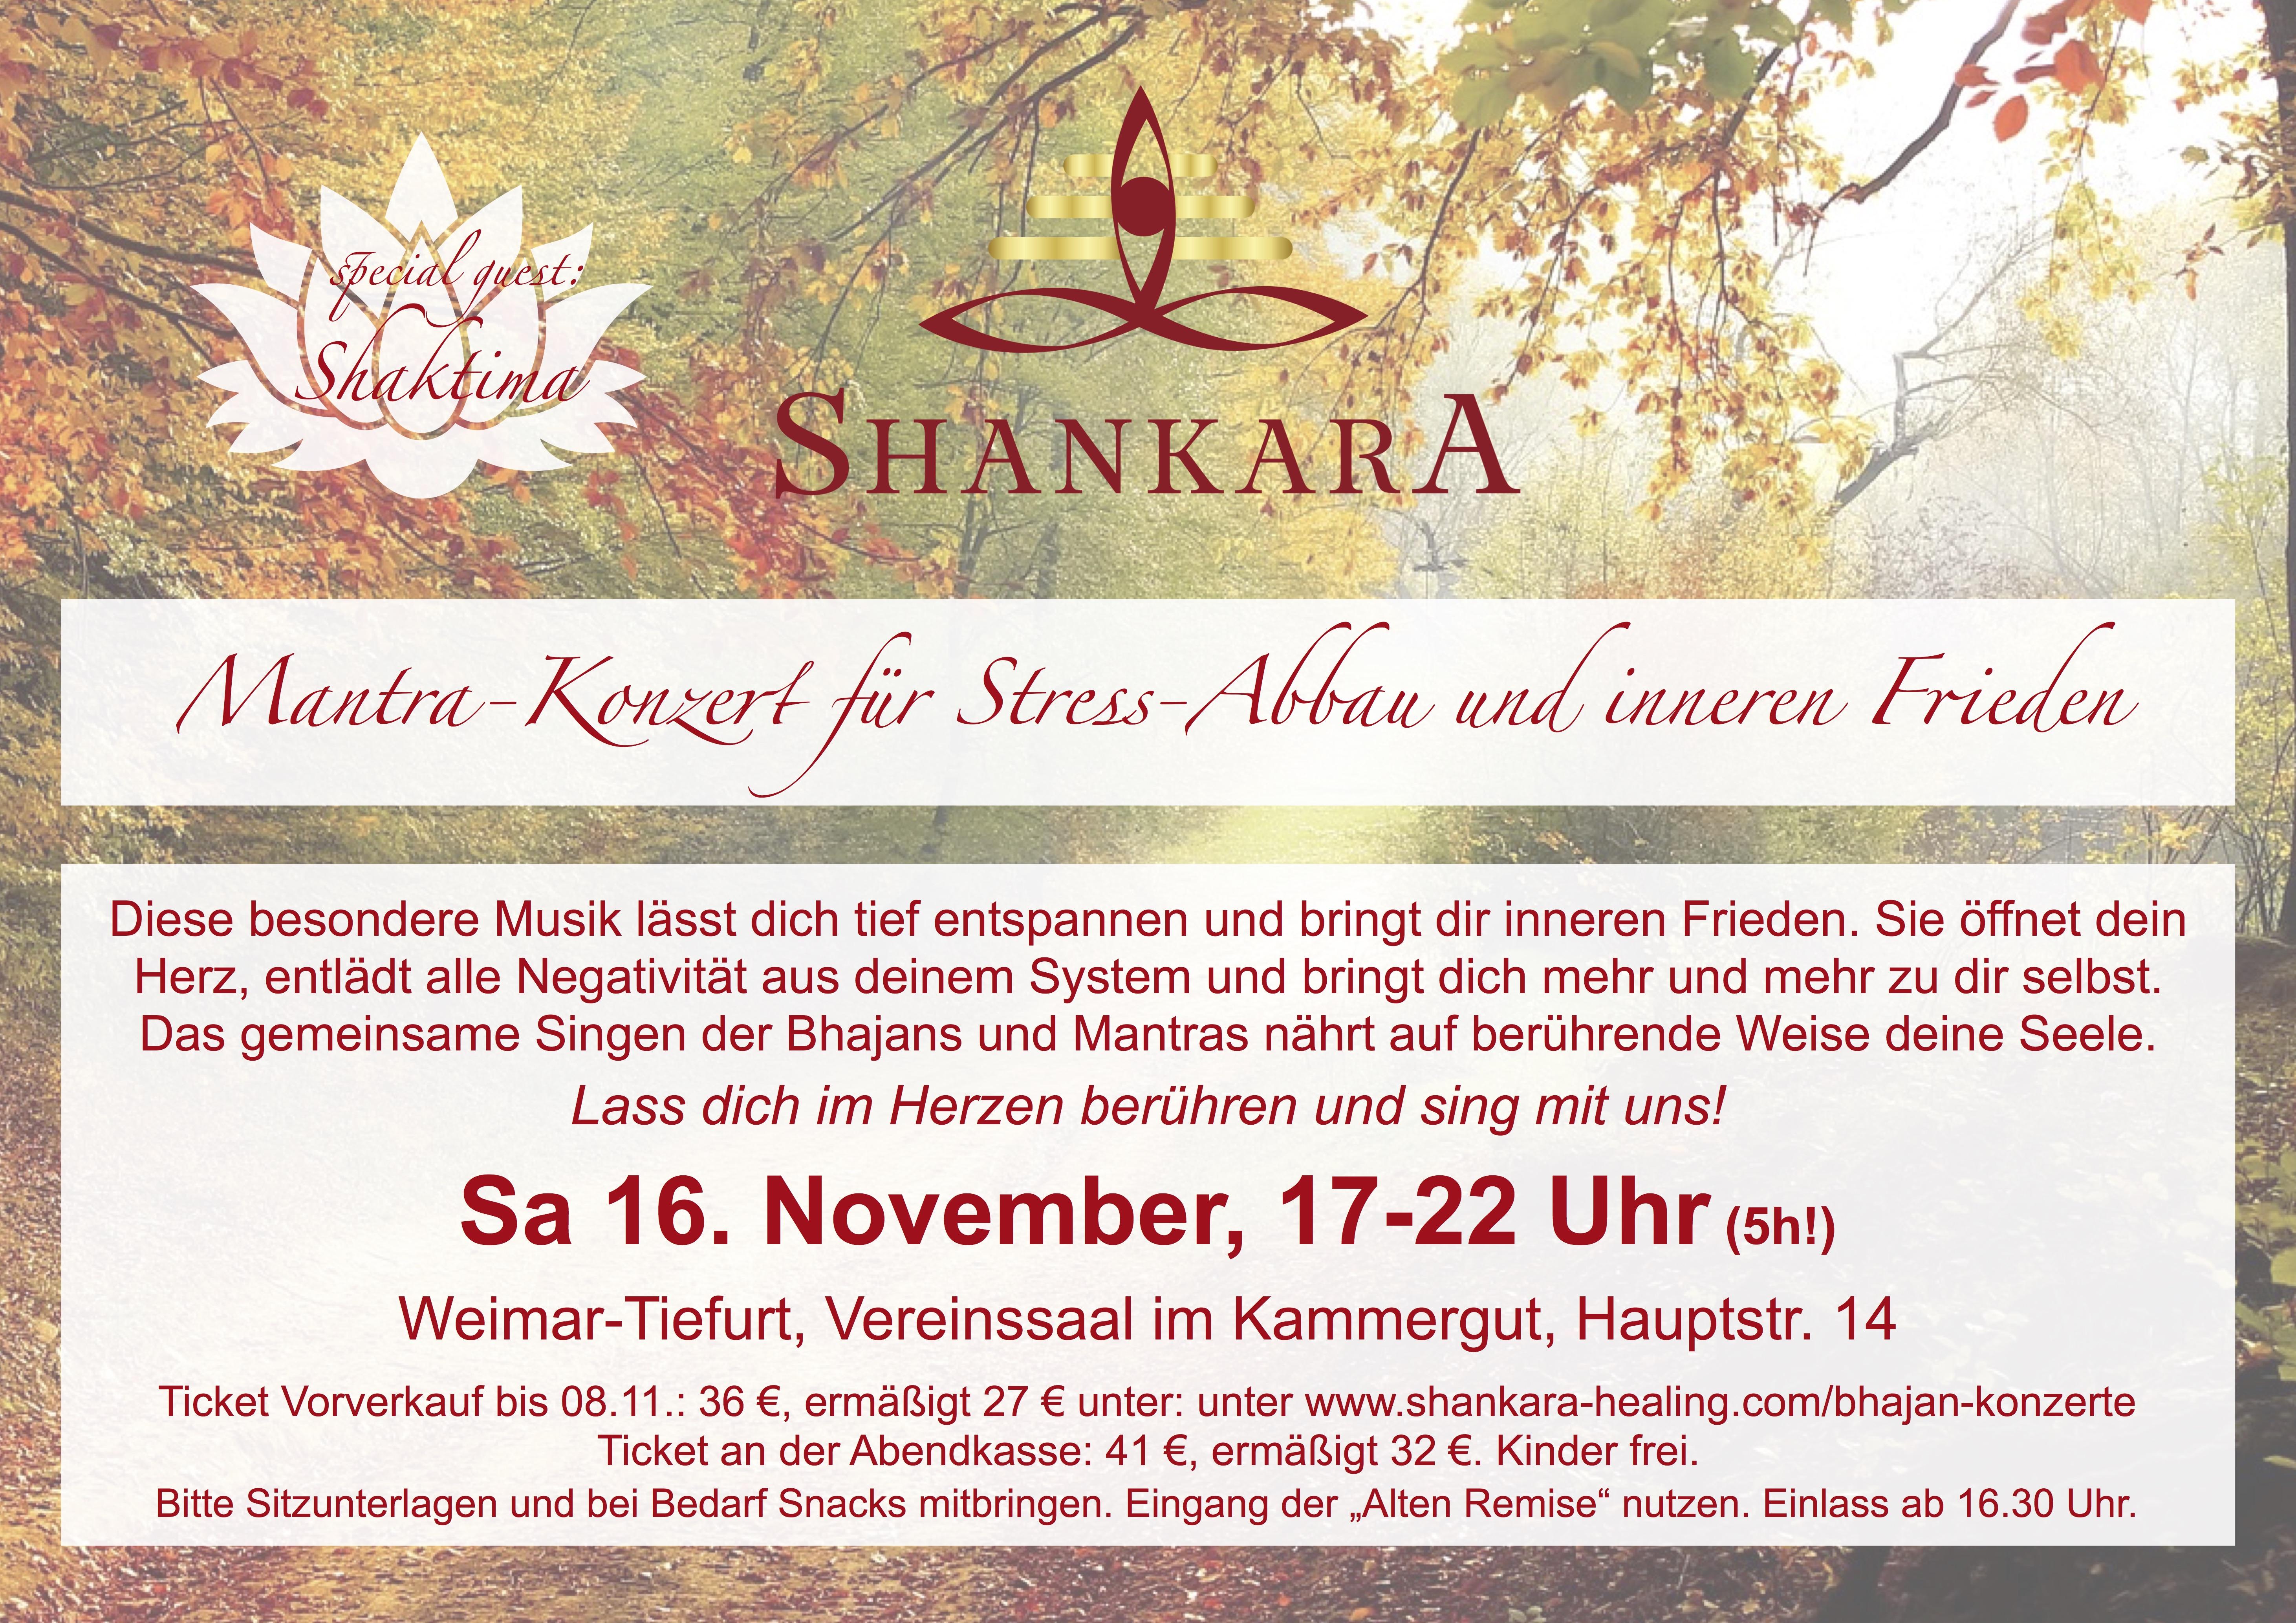 Mantra-Konzert für  Stress-Abbau und innere Stille (5h!!)